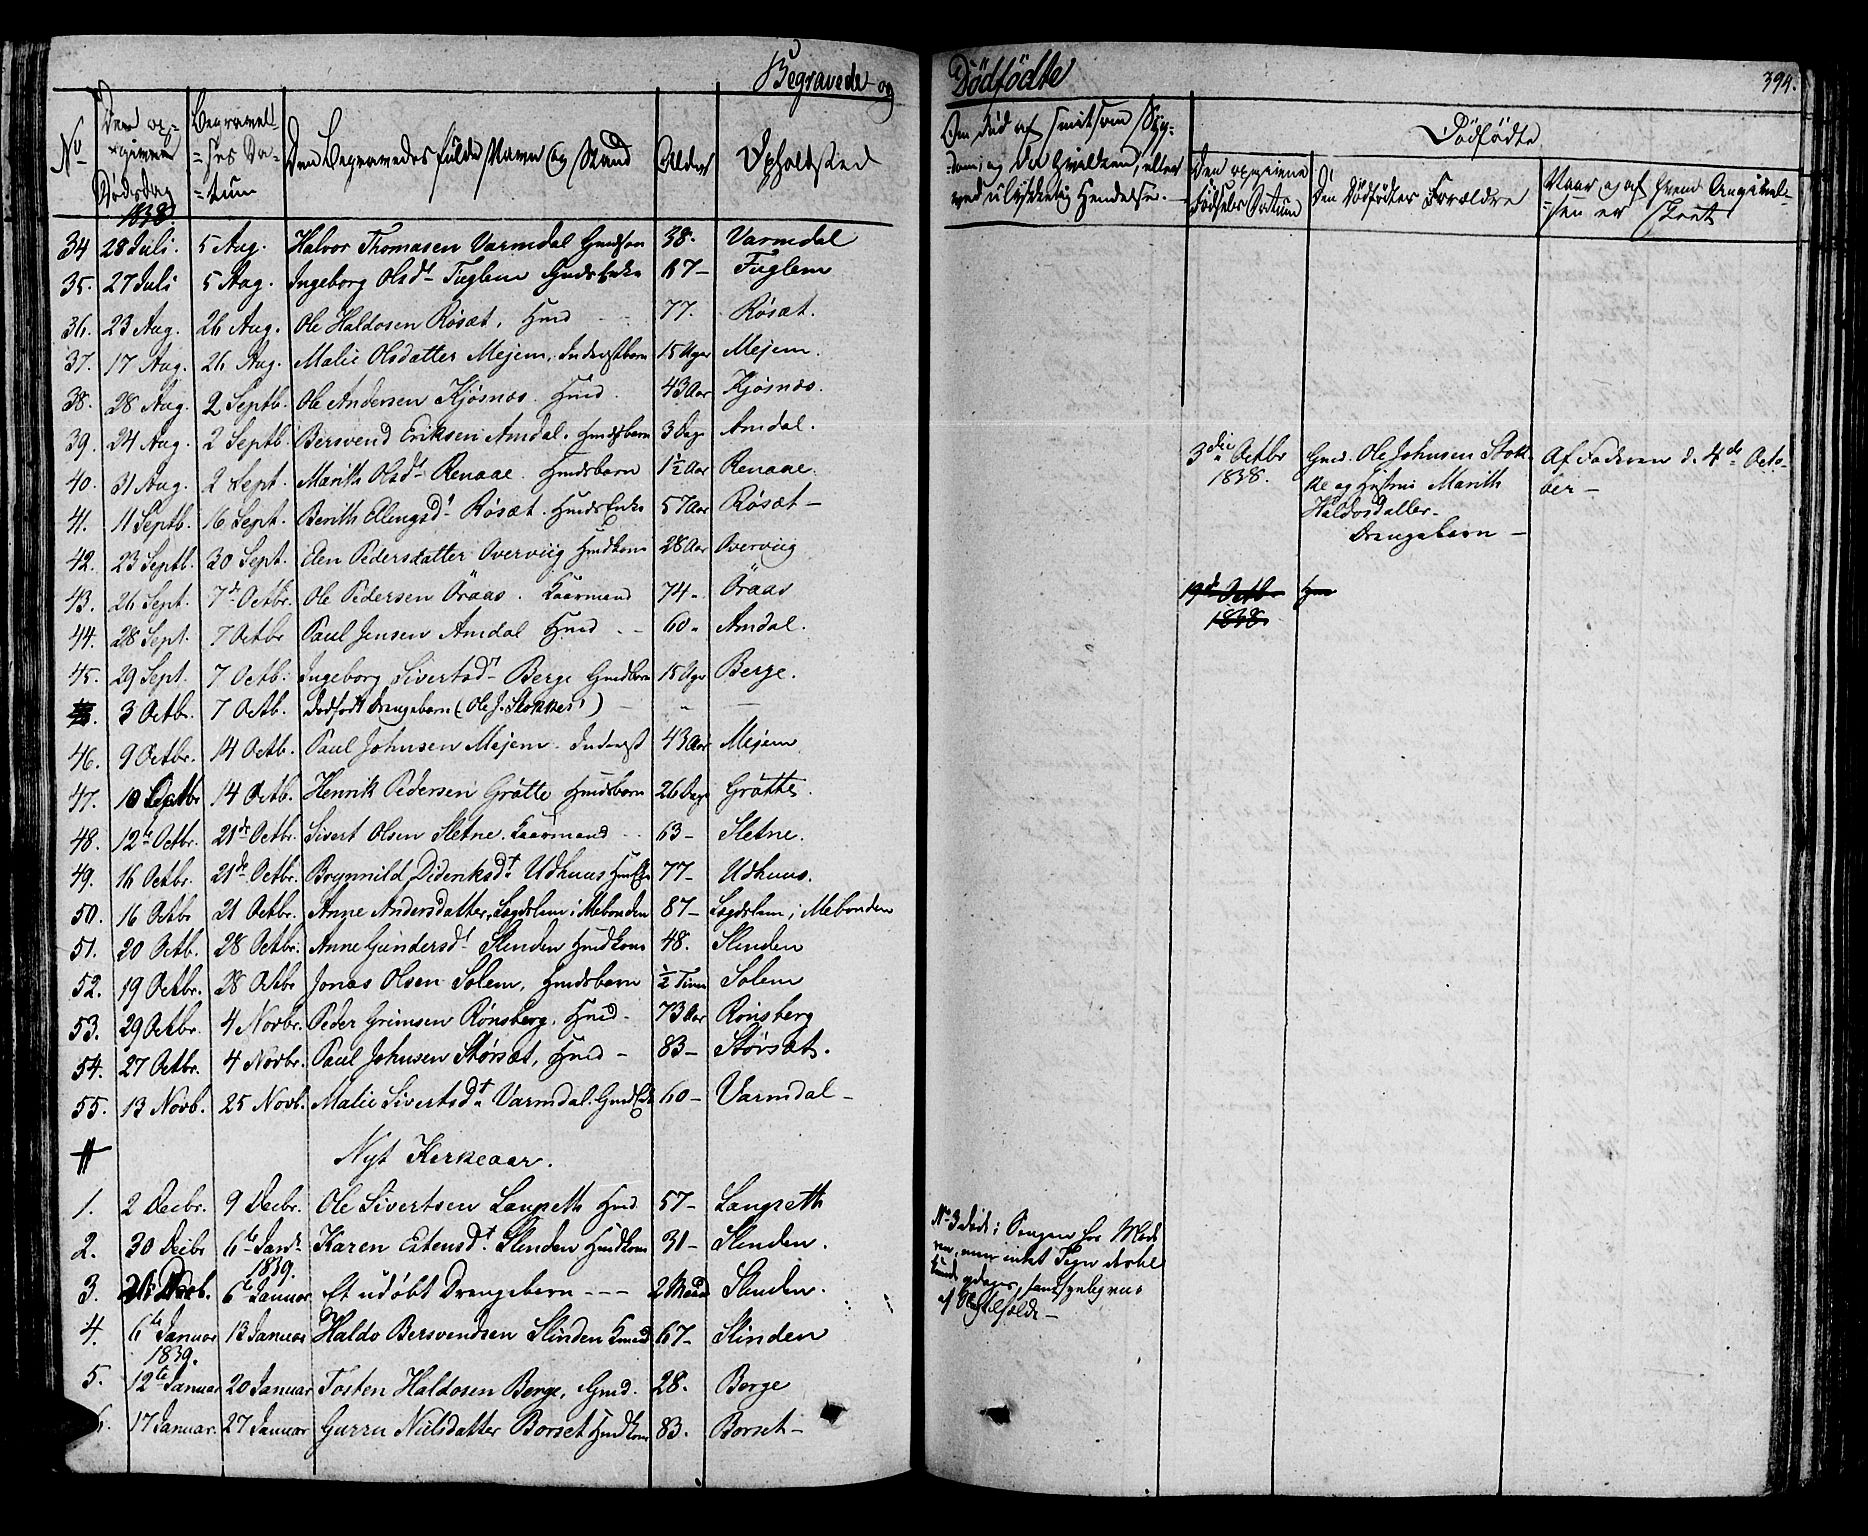 SAT, Ministerialprotokoller, klokkerbøker og fødselsregistre - Sør-Trøndelag, 695/L1143: Ministerialbok nr. 695A05 /1, 1824-1842, s. 394